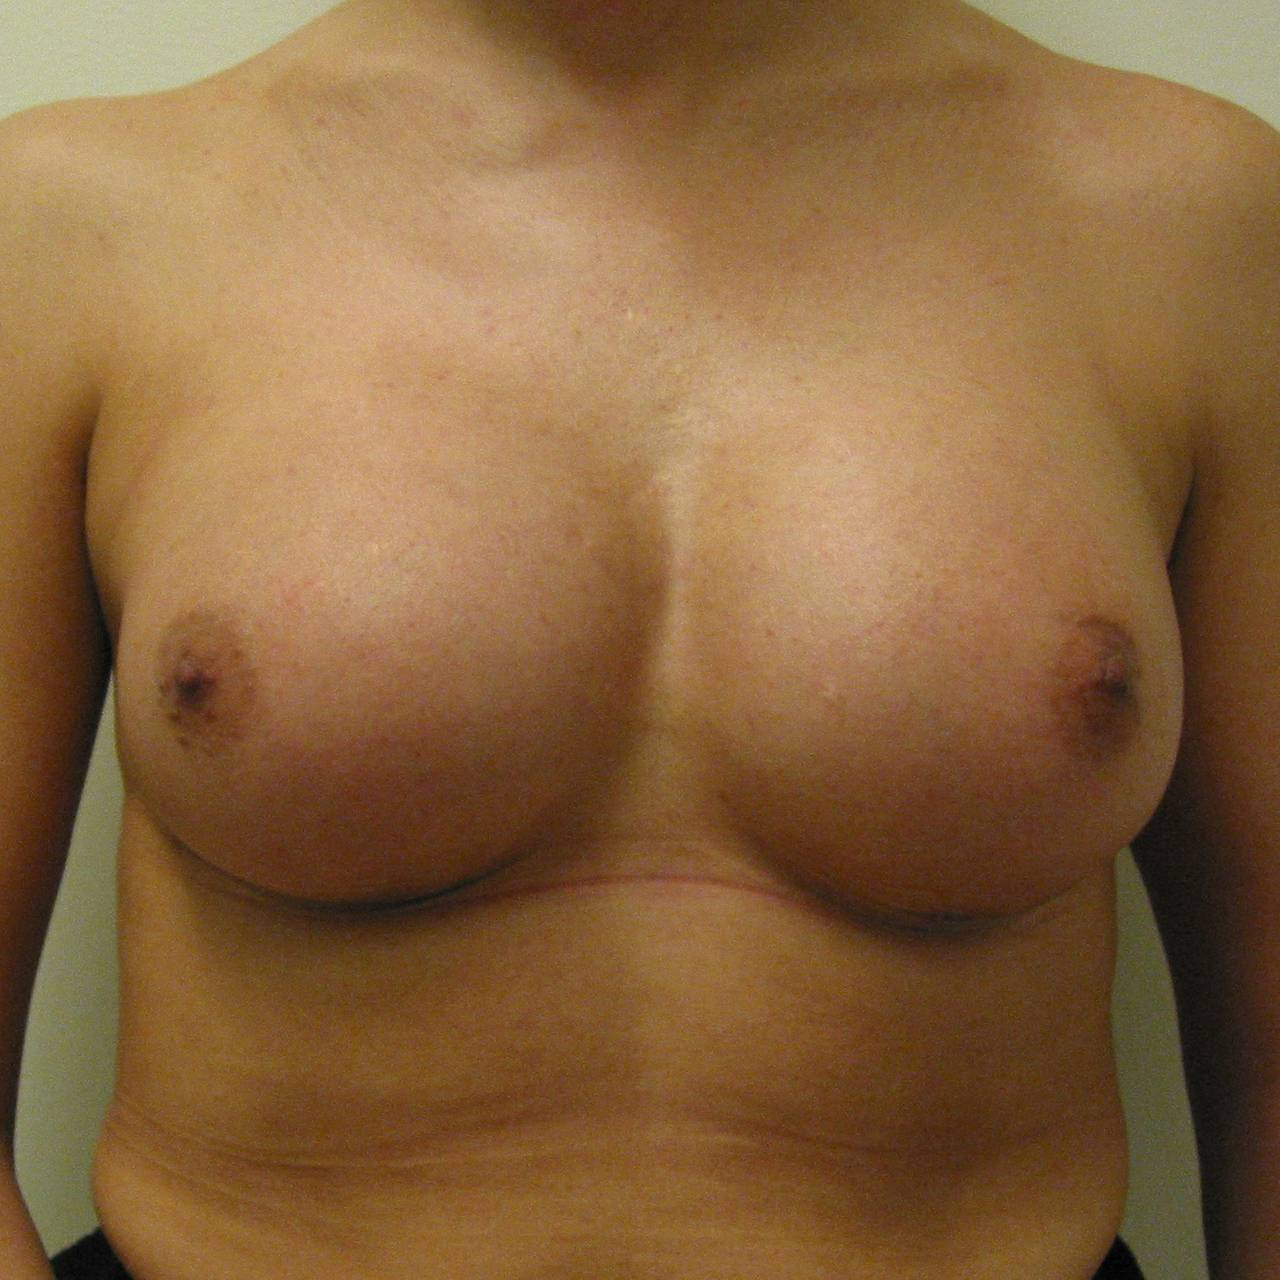 Etter brystoperasjon med innleggelse av implantat